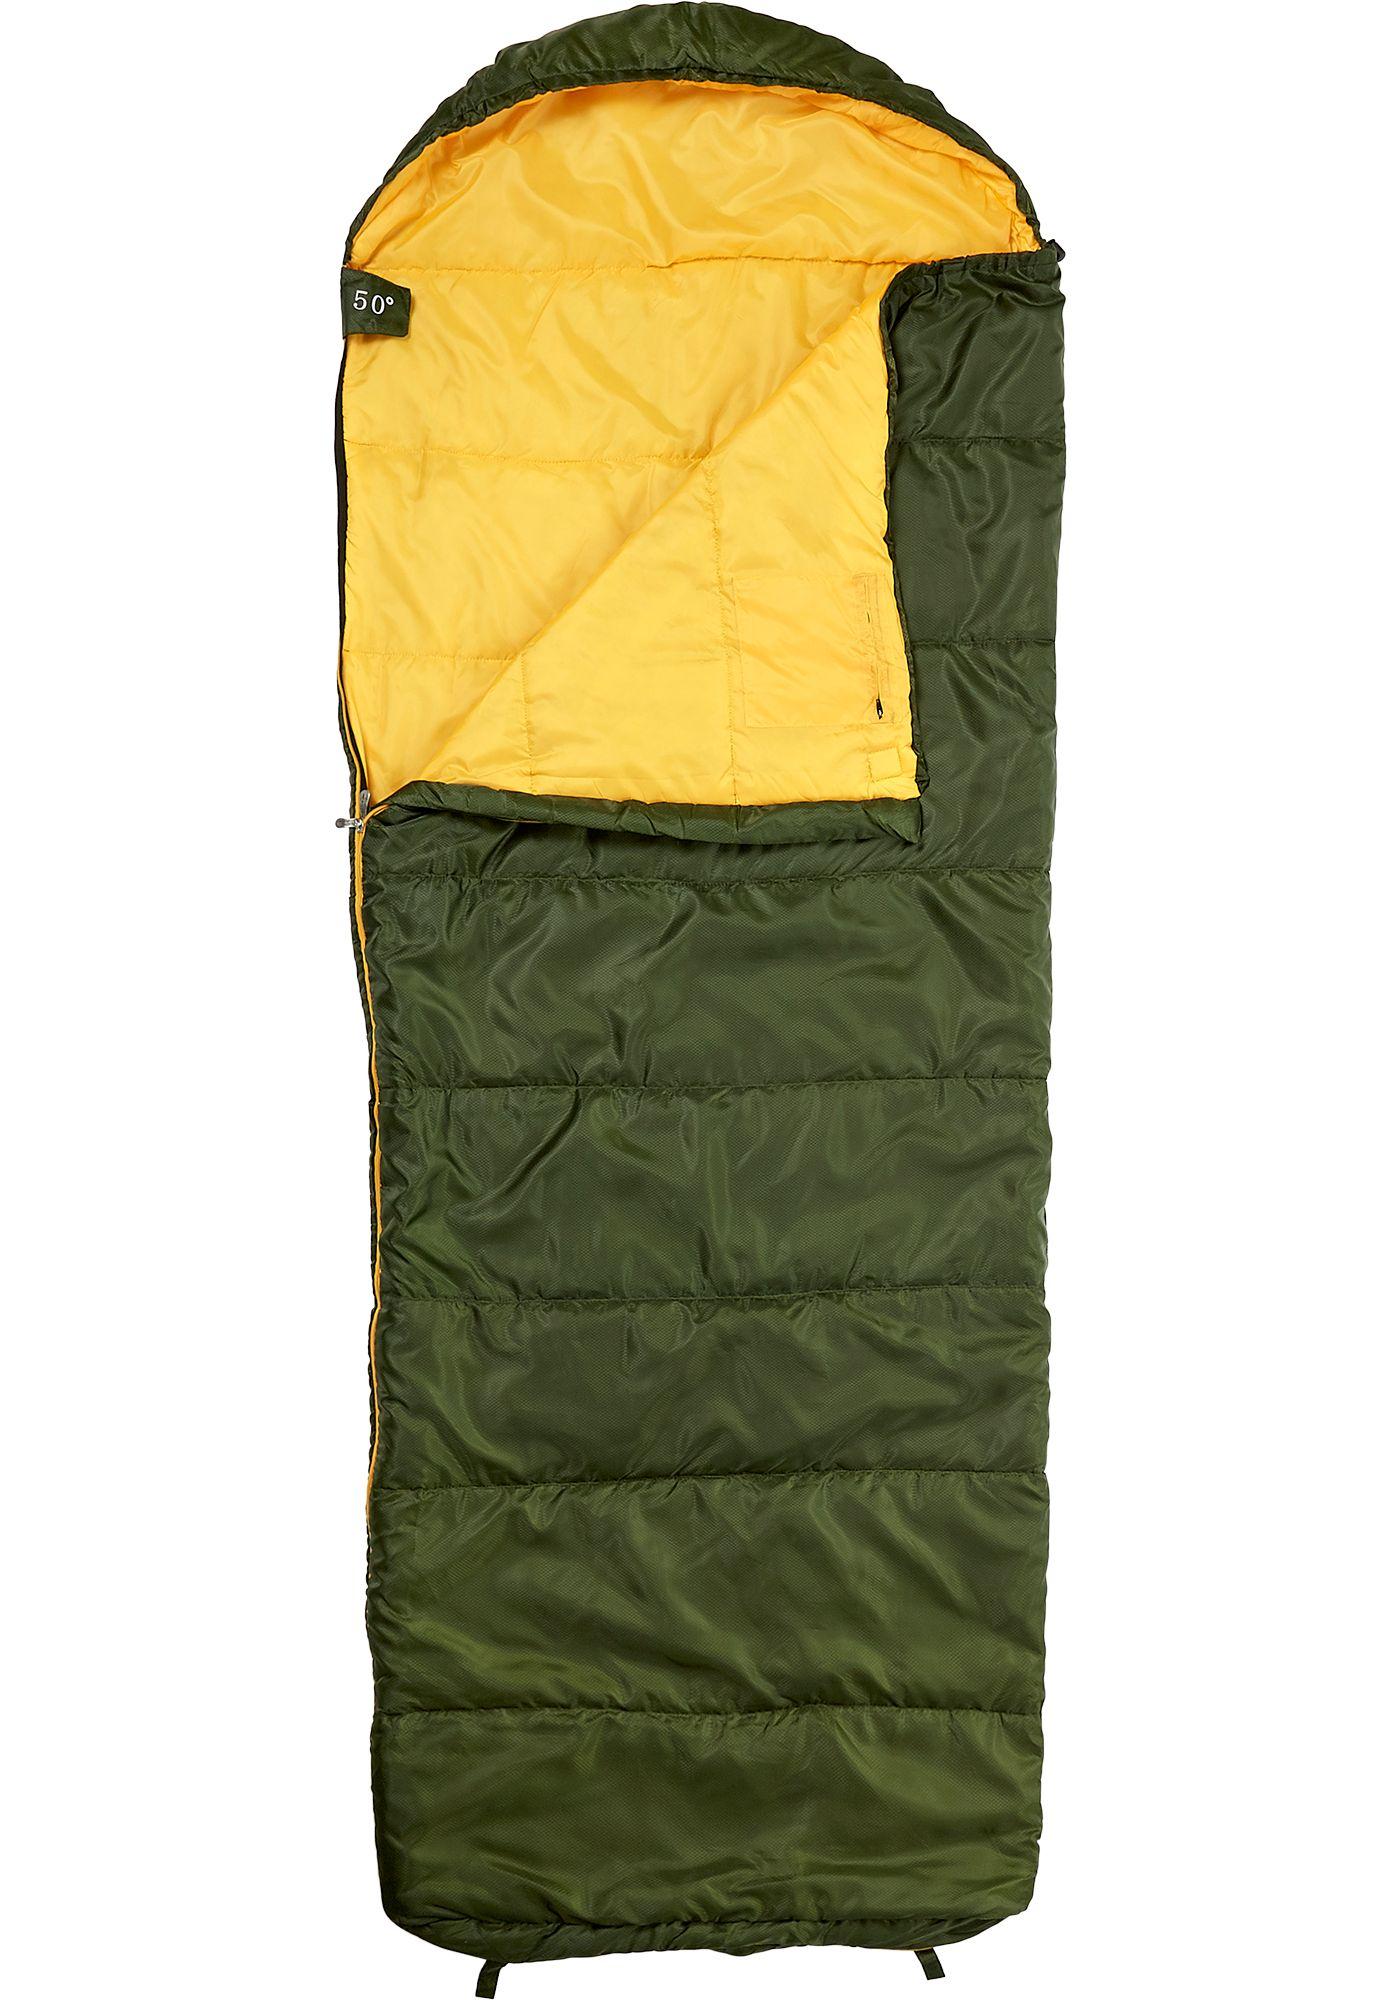 Field & Stream Wisperlite 50° Sleeping Bag